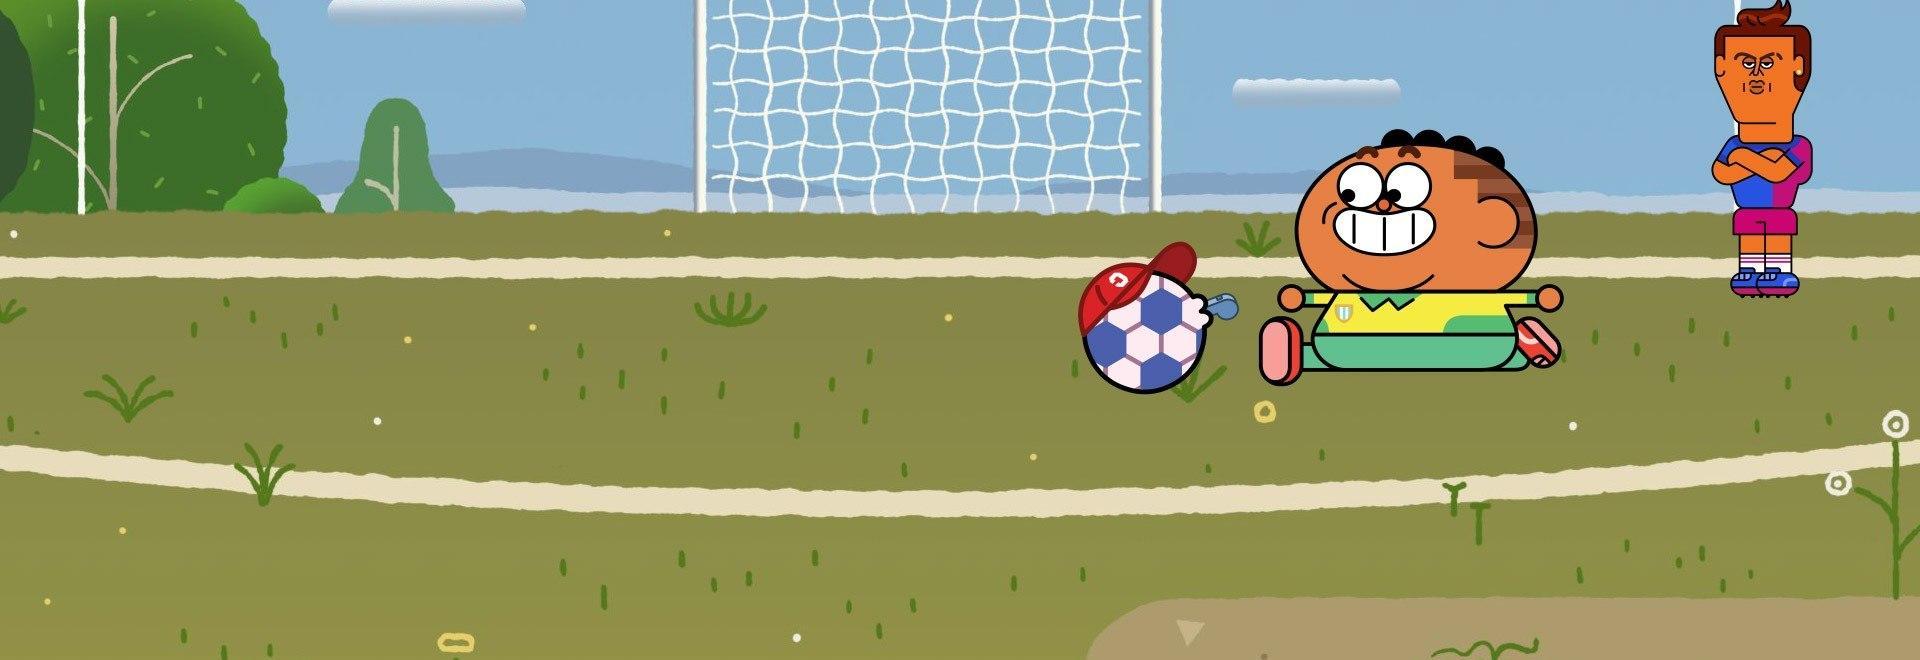 Un idolo nel pallone